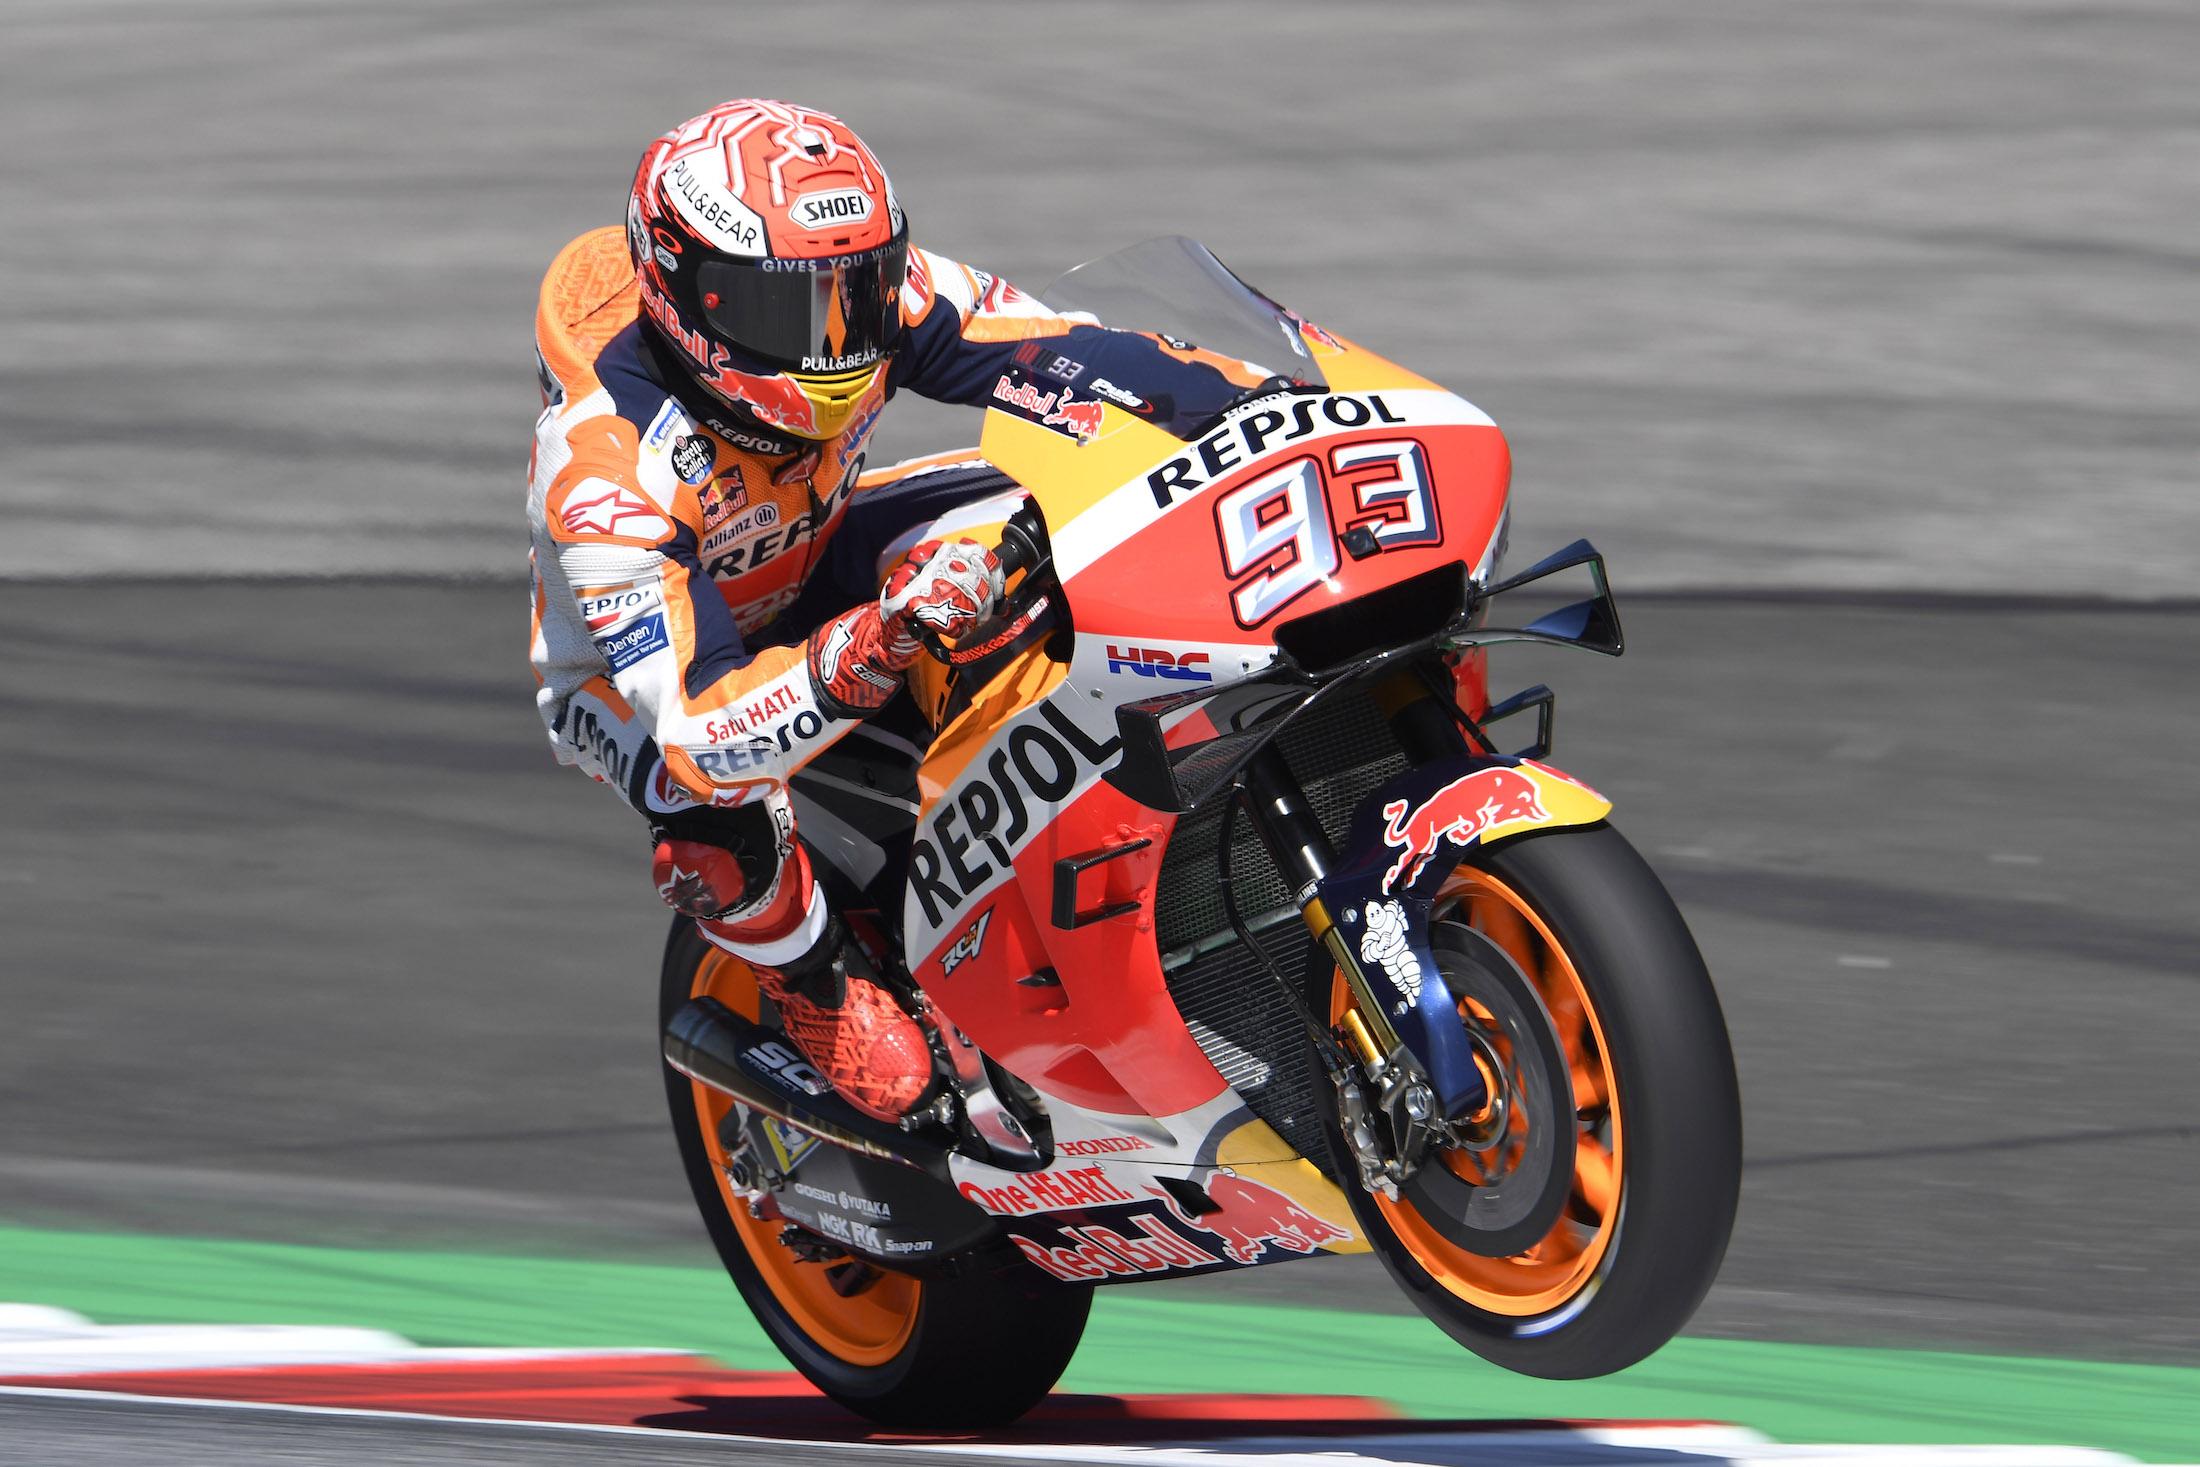 Marc Márquez golpea primero en el circuito talismán de Ducati